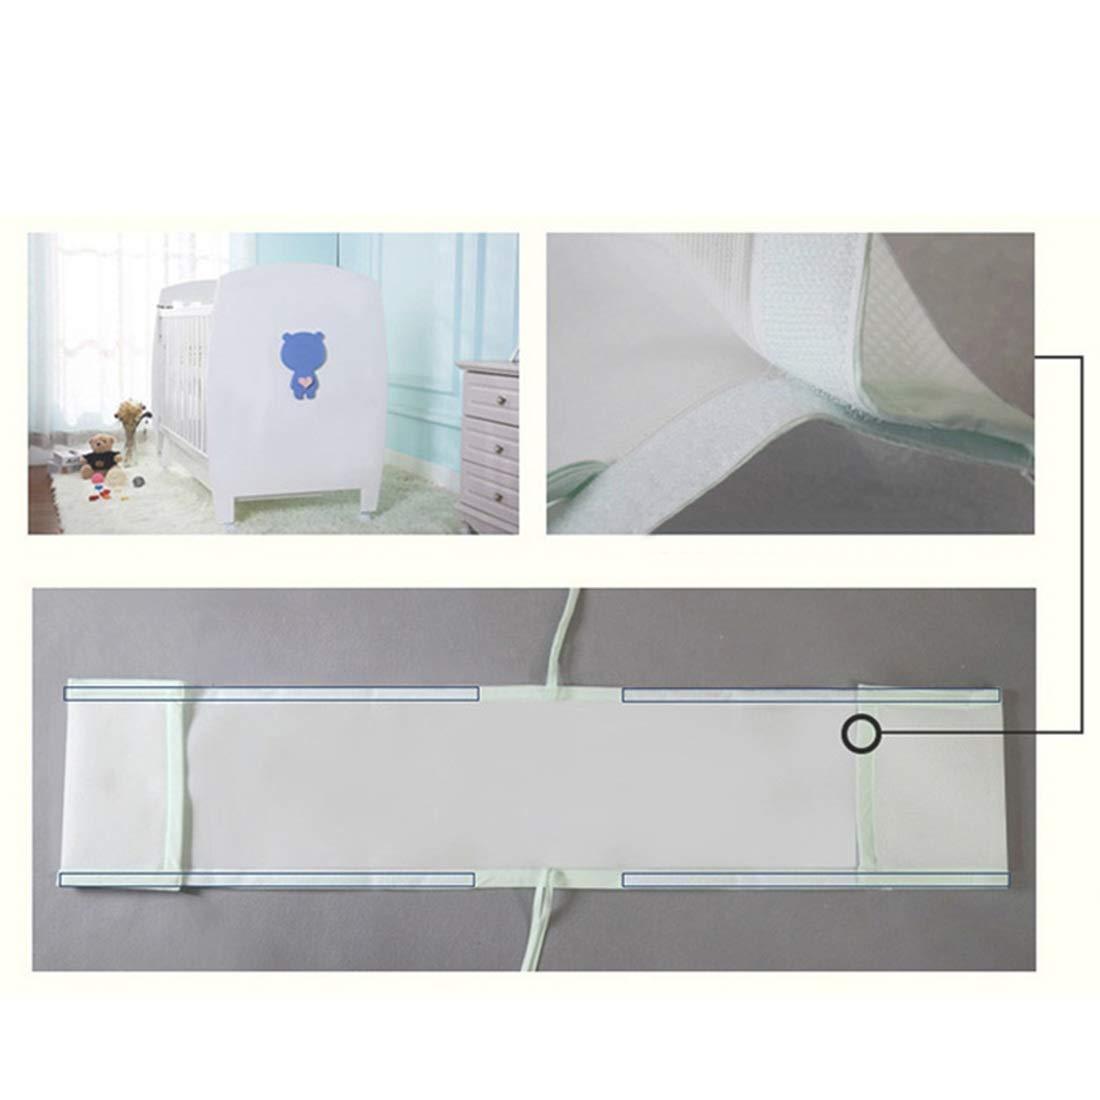 Ggoddess Baby sicher Krippe Sto/ßstange Pads f/ür Standardkrippen Blauer Rand Kind Atmungsaktives 3D Geh/äuse Atmungsaktives Bettgel/änder